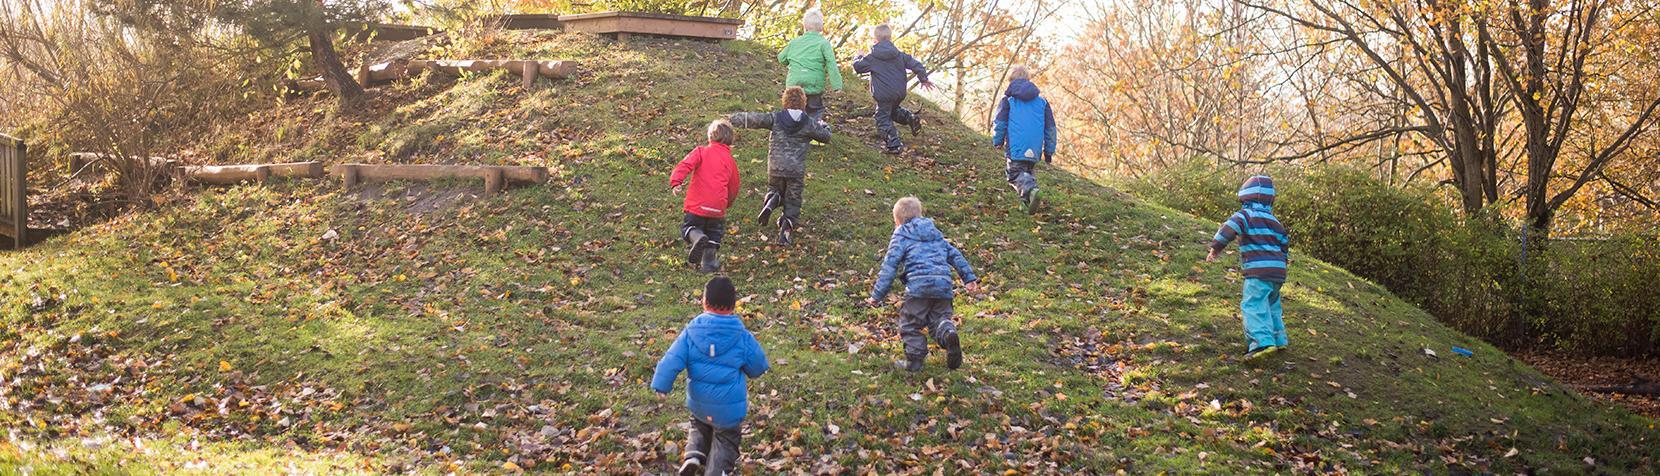 Børn fra Børnehuset Sjælsø der løber